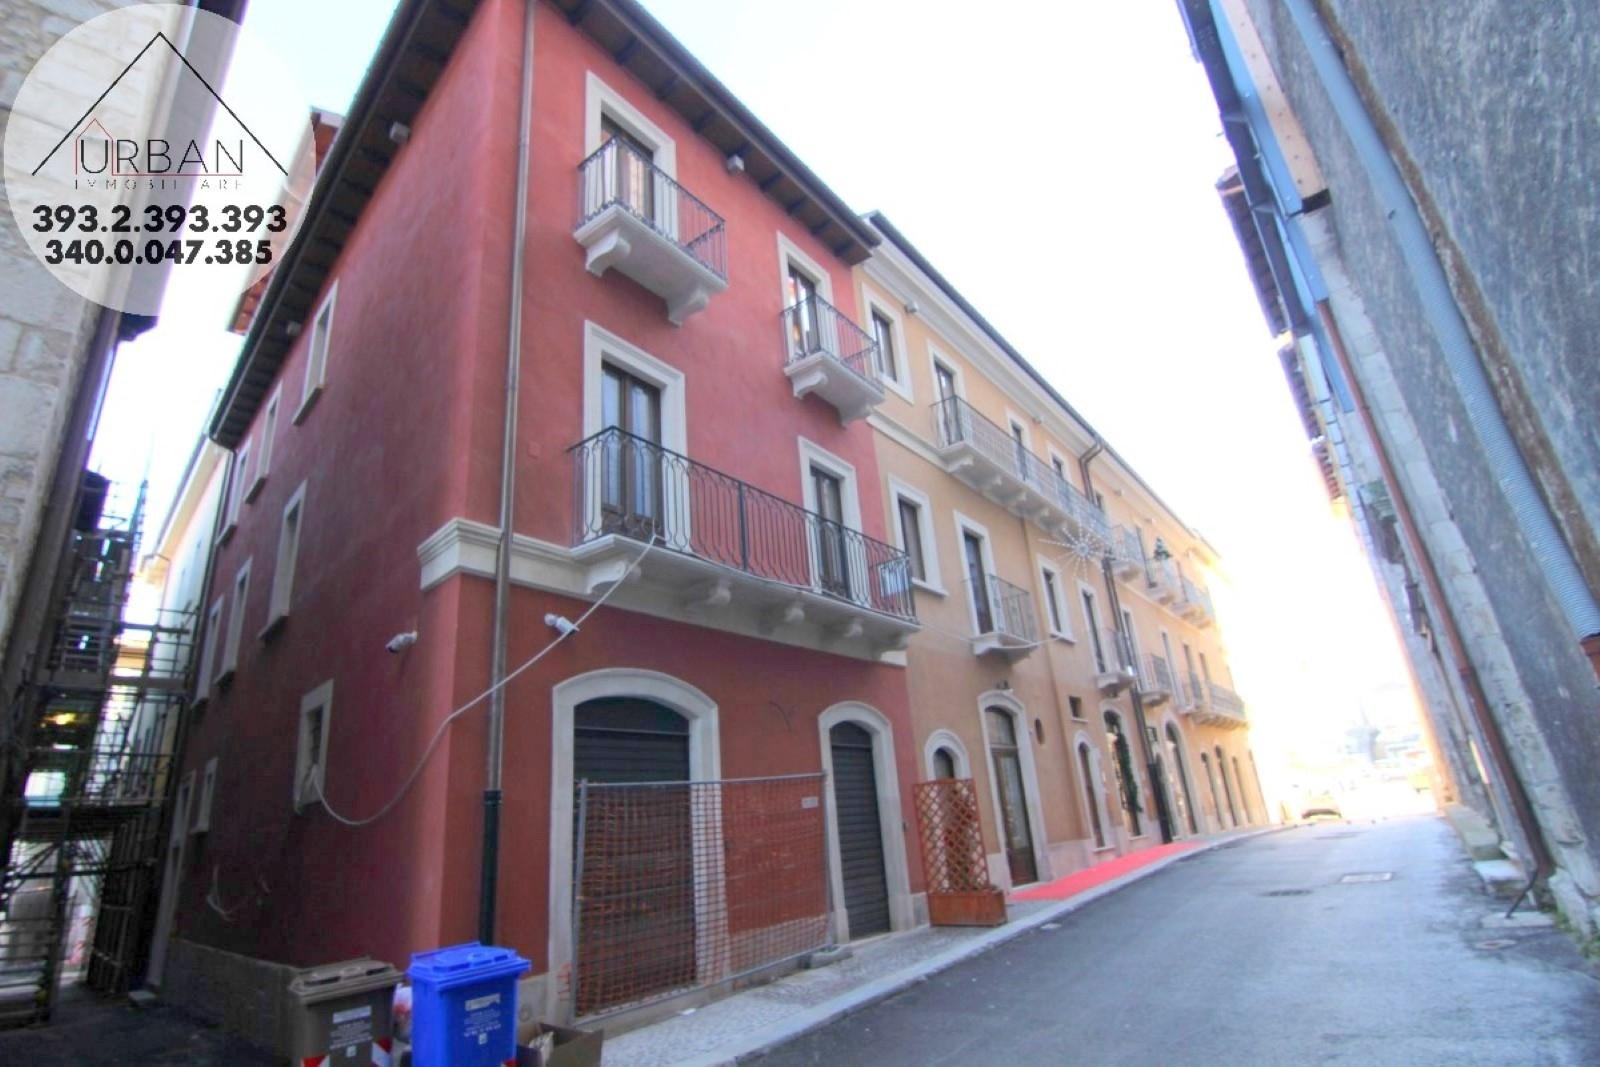 L'Aquila (AQ) - Via Roio